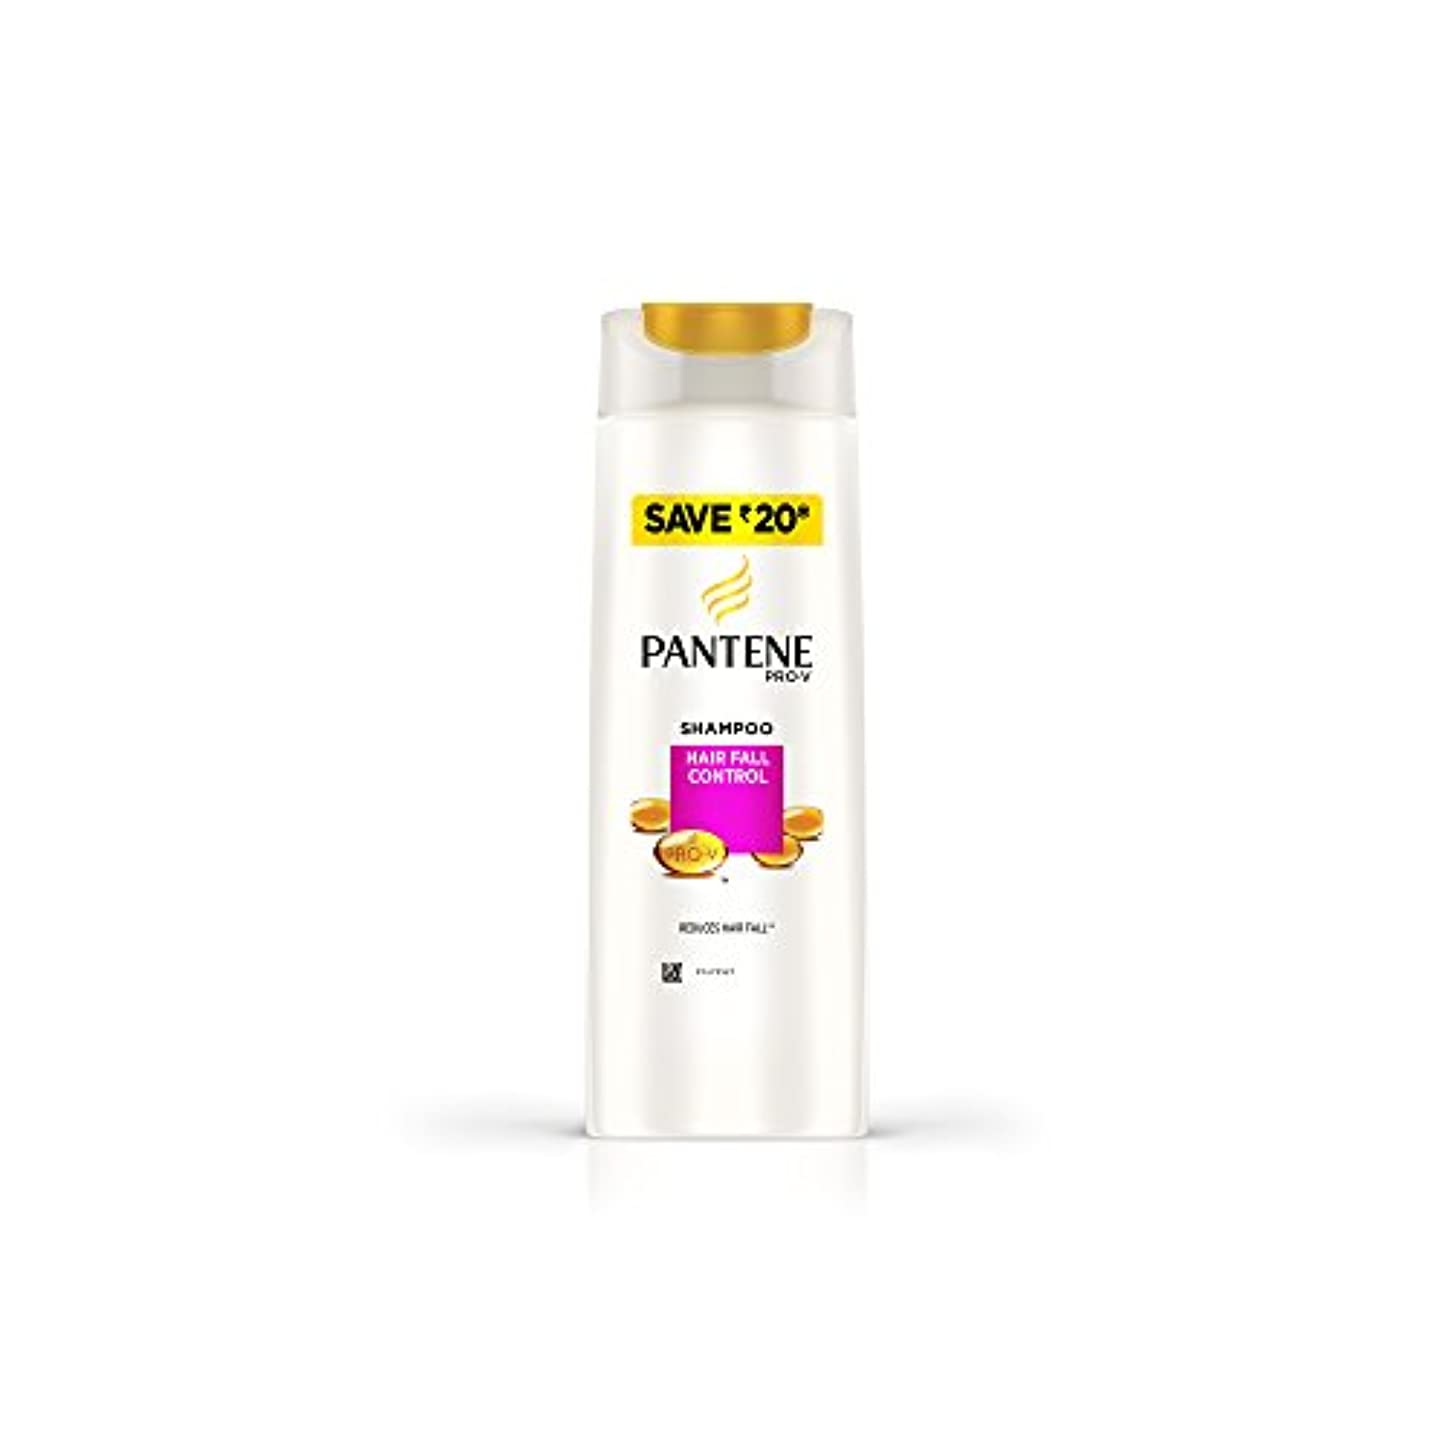 減らす血統タブレットPANTENE Hair Fall control SHAMPOO 180 ml (PANTENEヘアフォールコントロールシャンプー180ml)